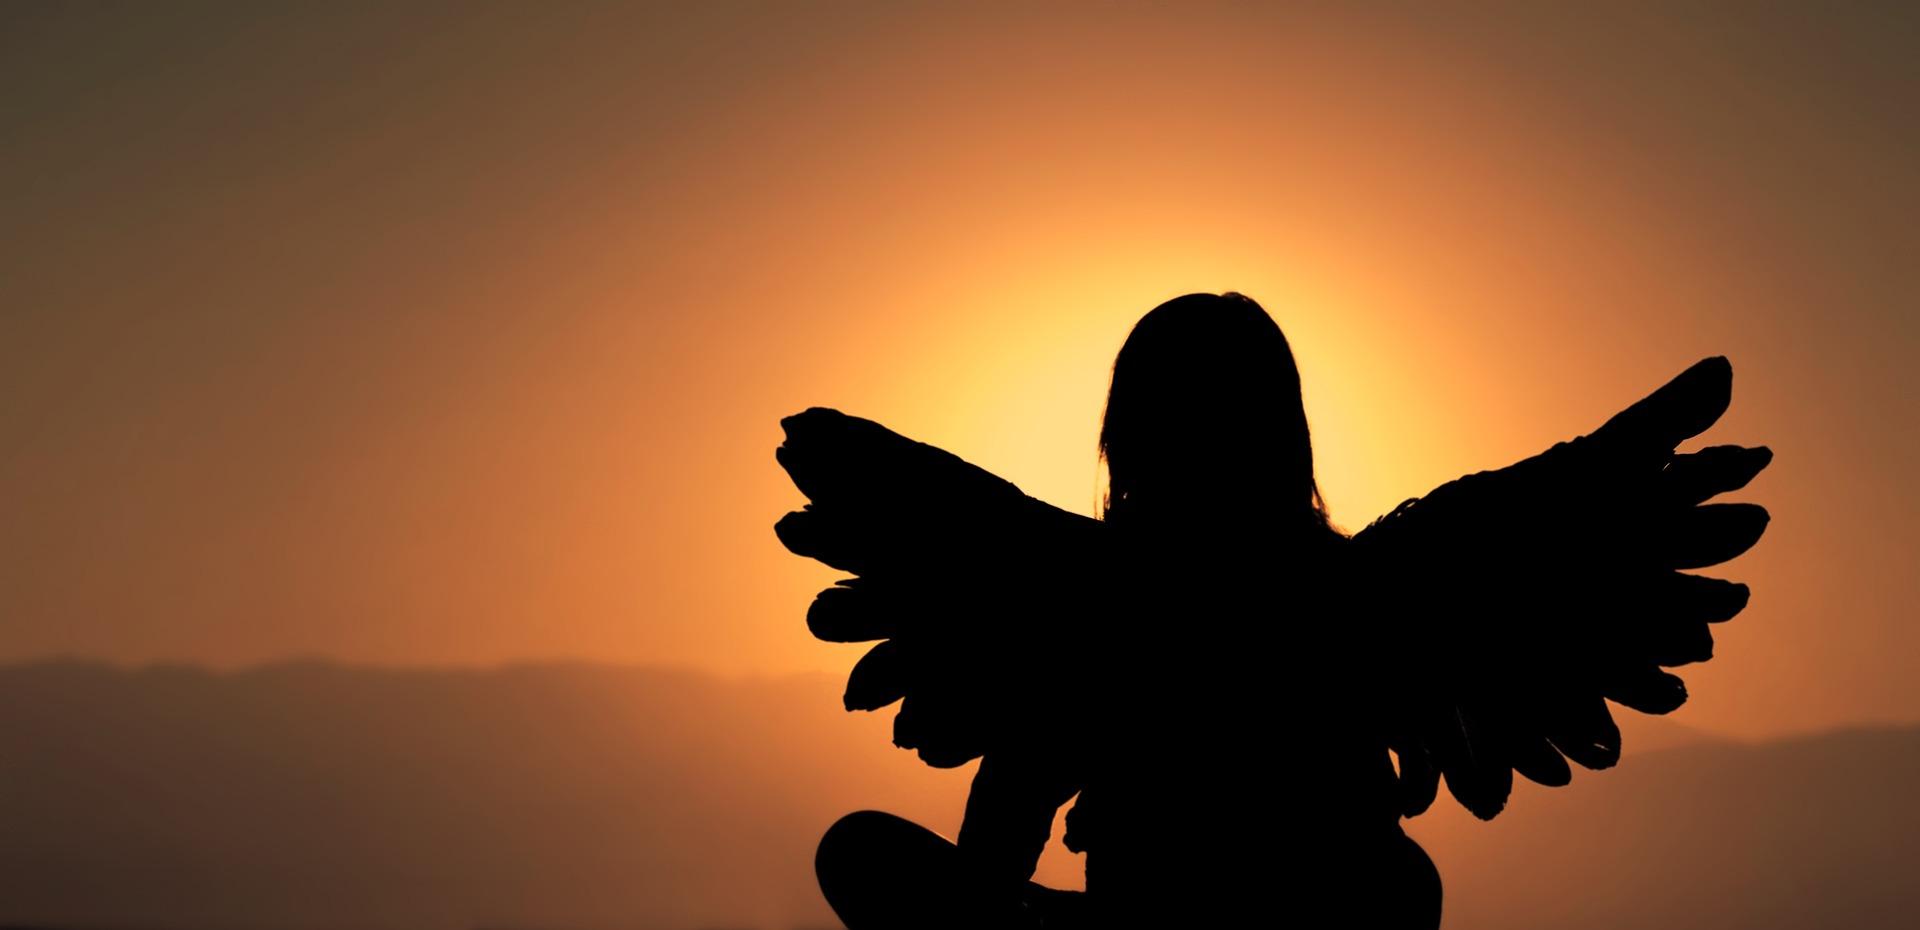 engel zit in zonlicht